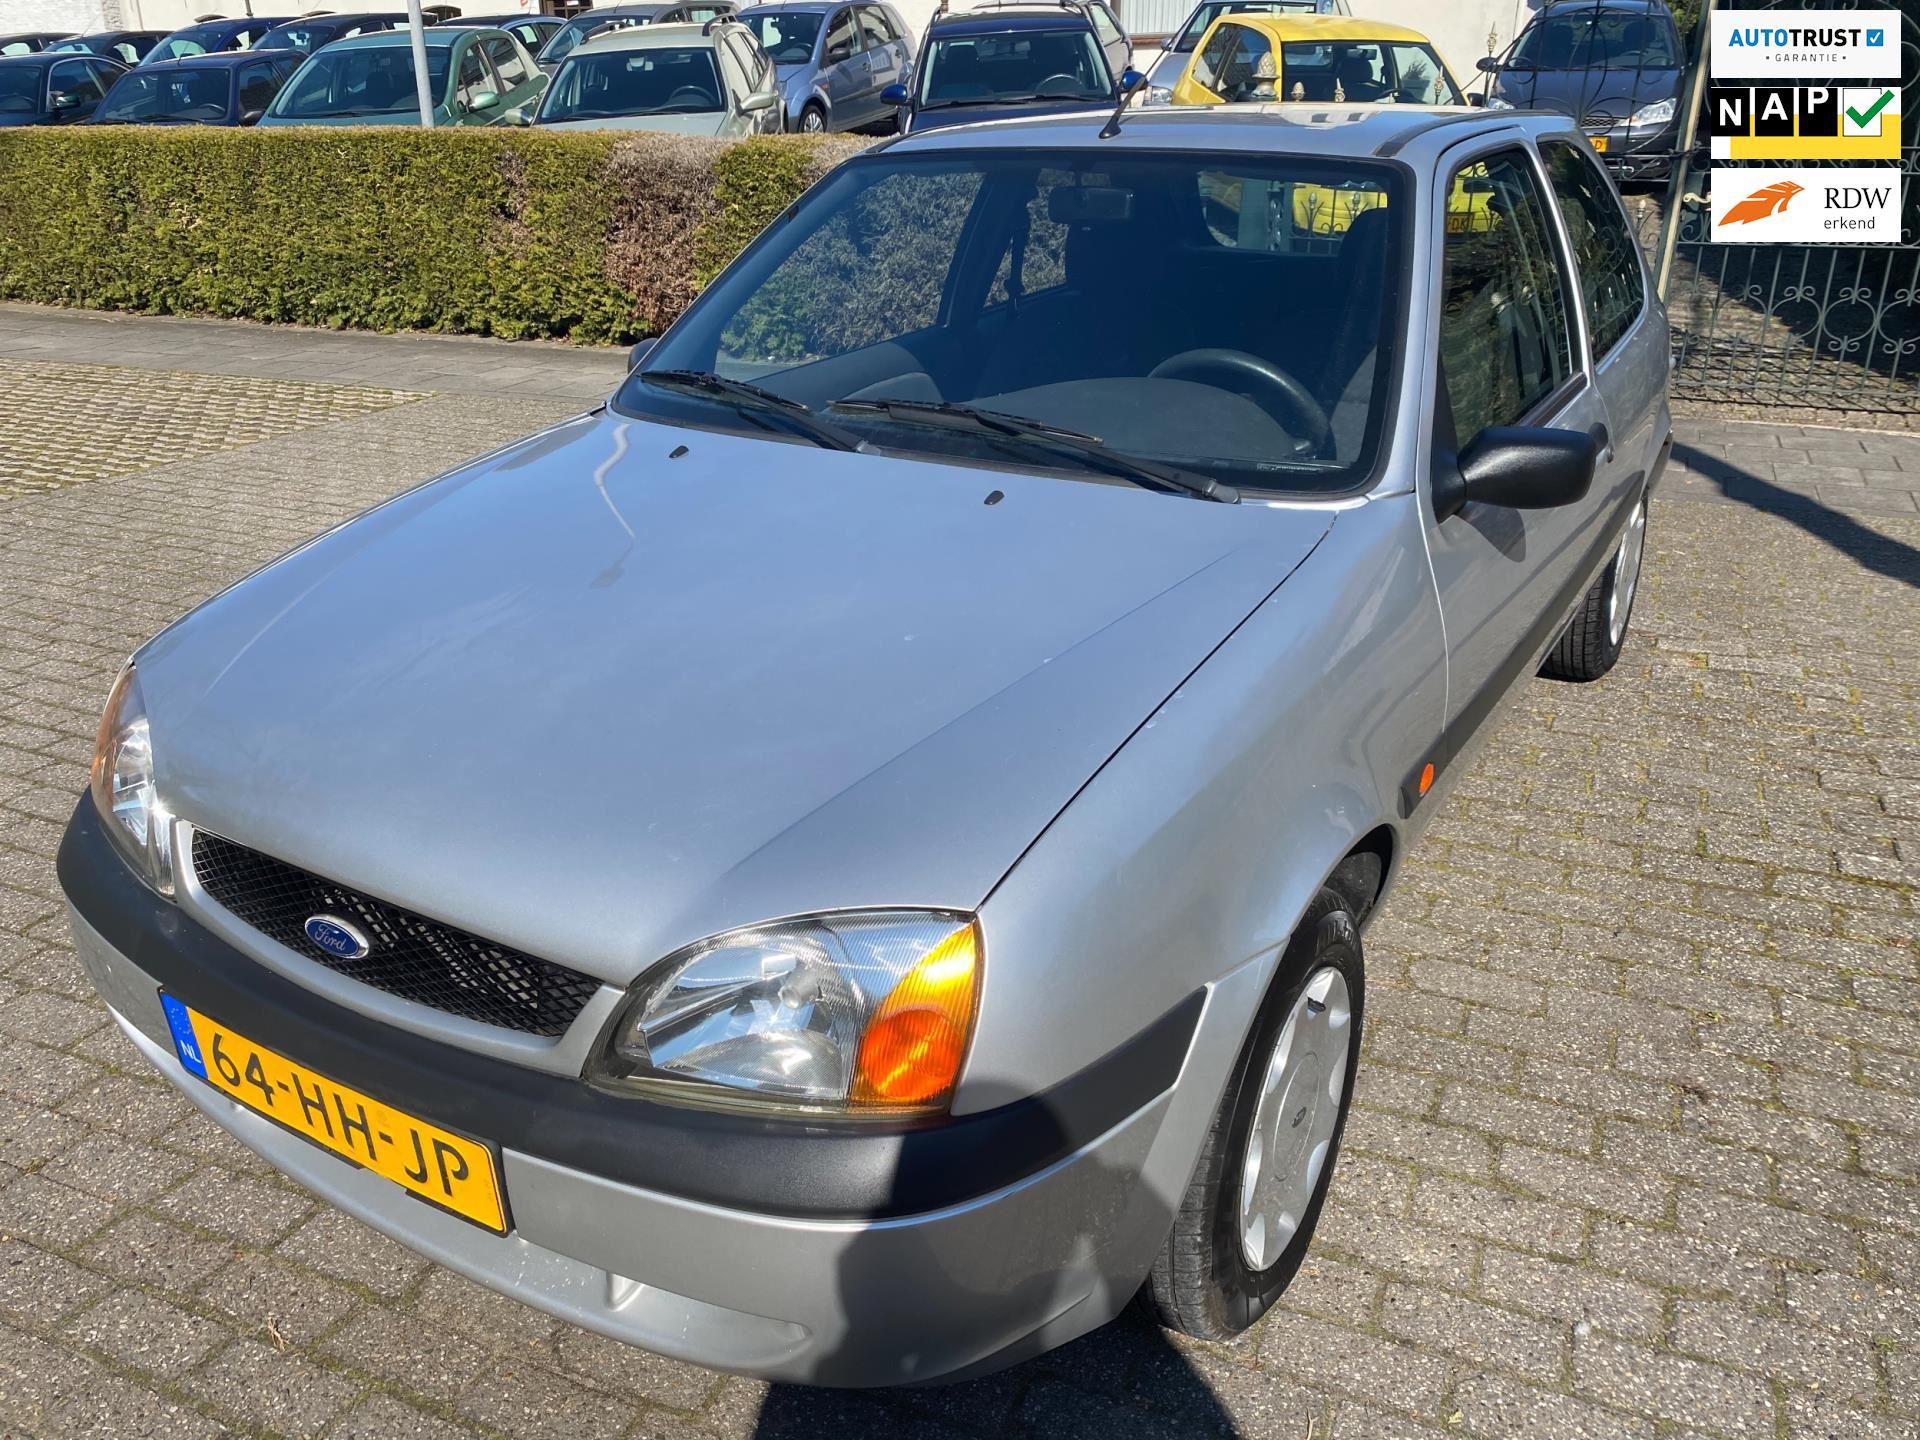 Ford Fiesta occasion - Autobedrijf Tiesje Verhoeven